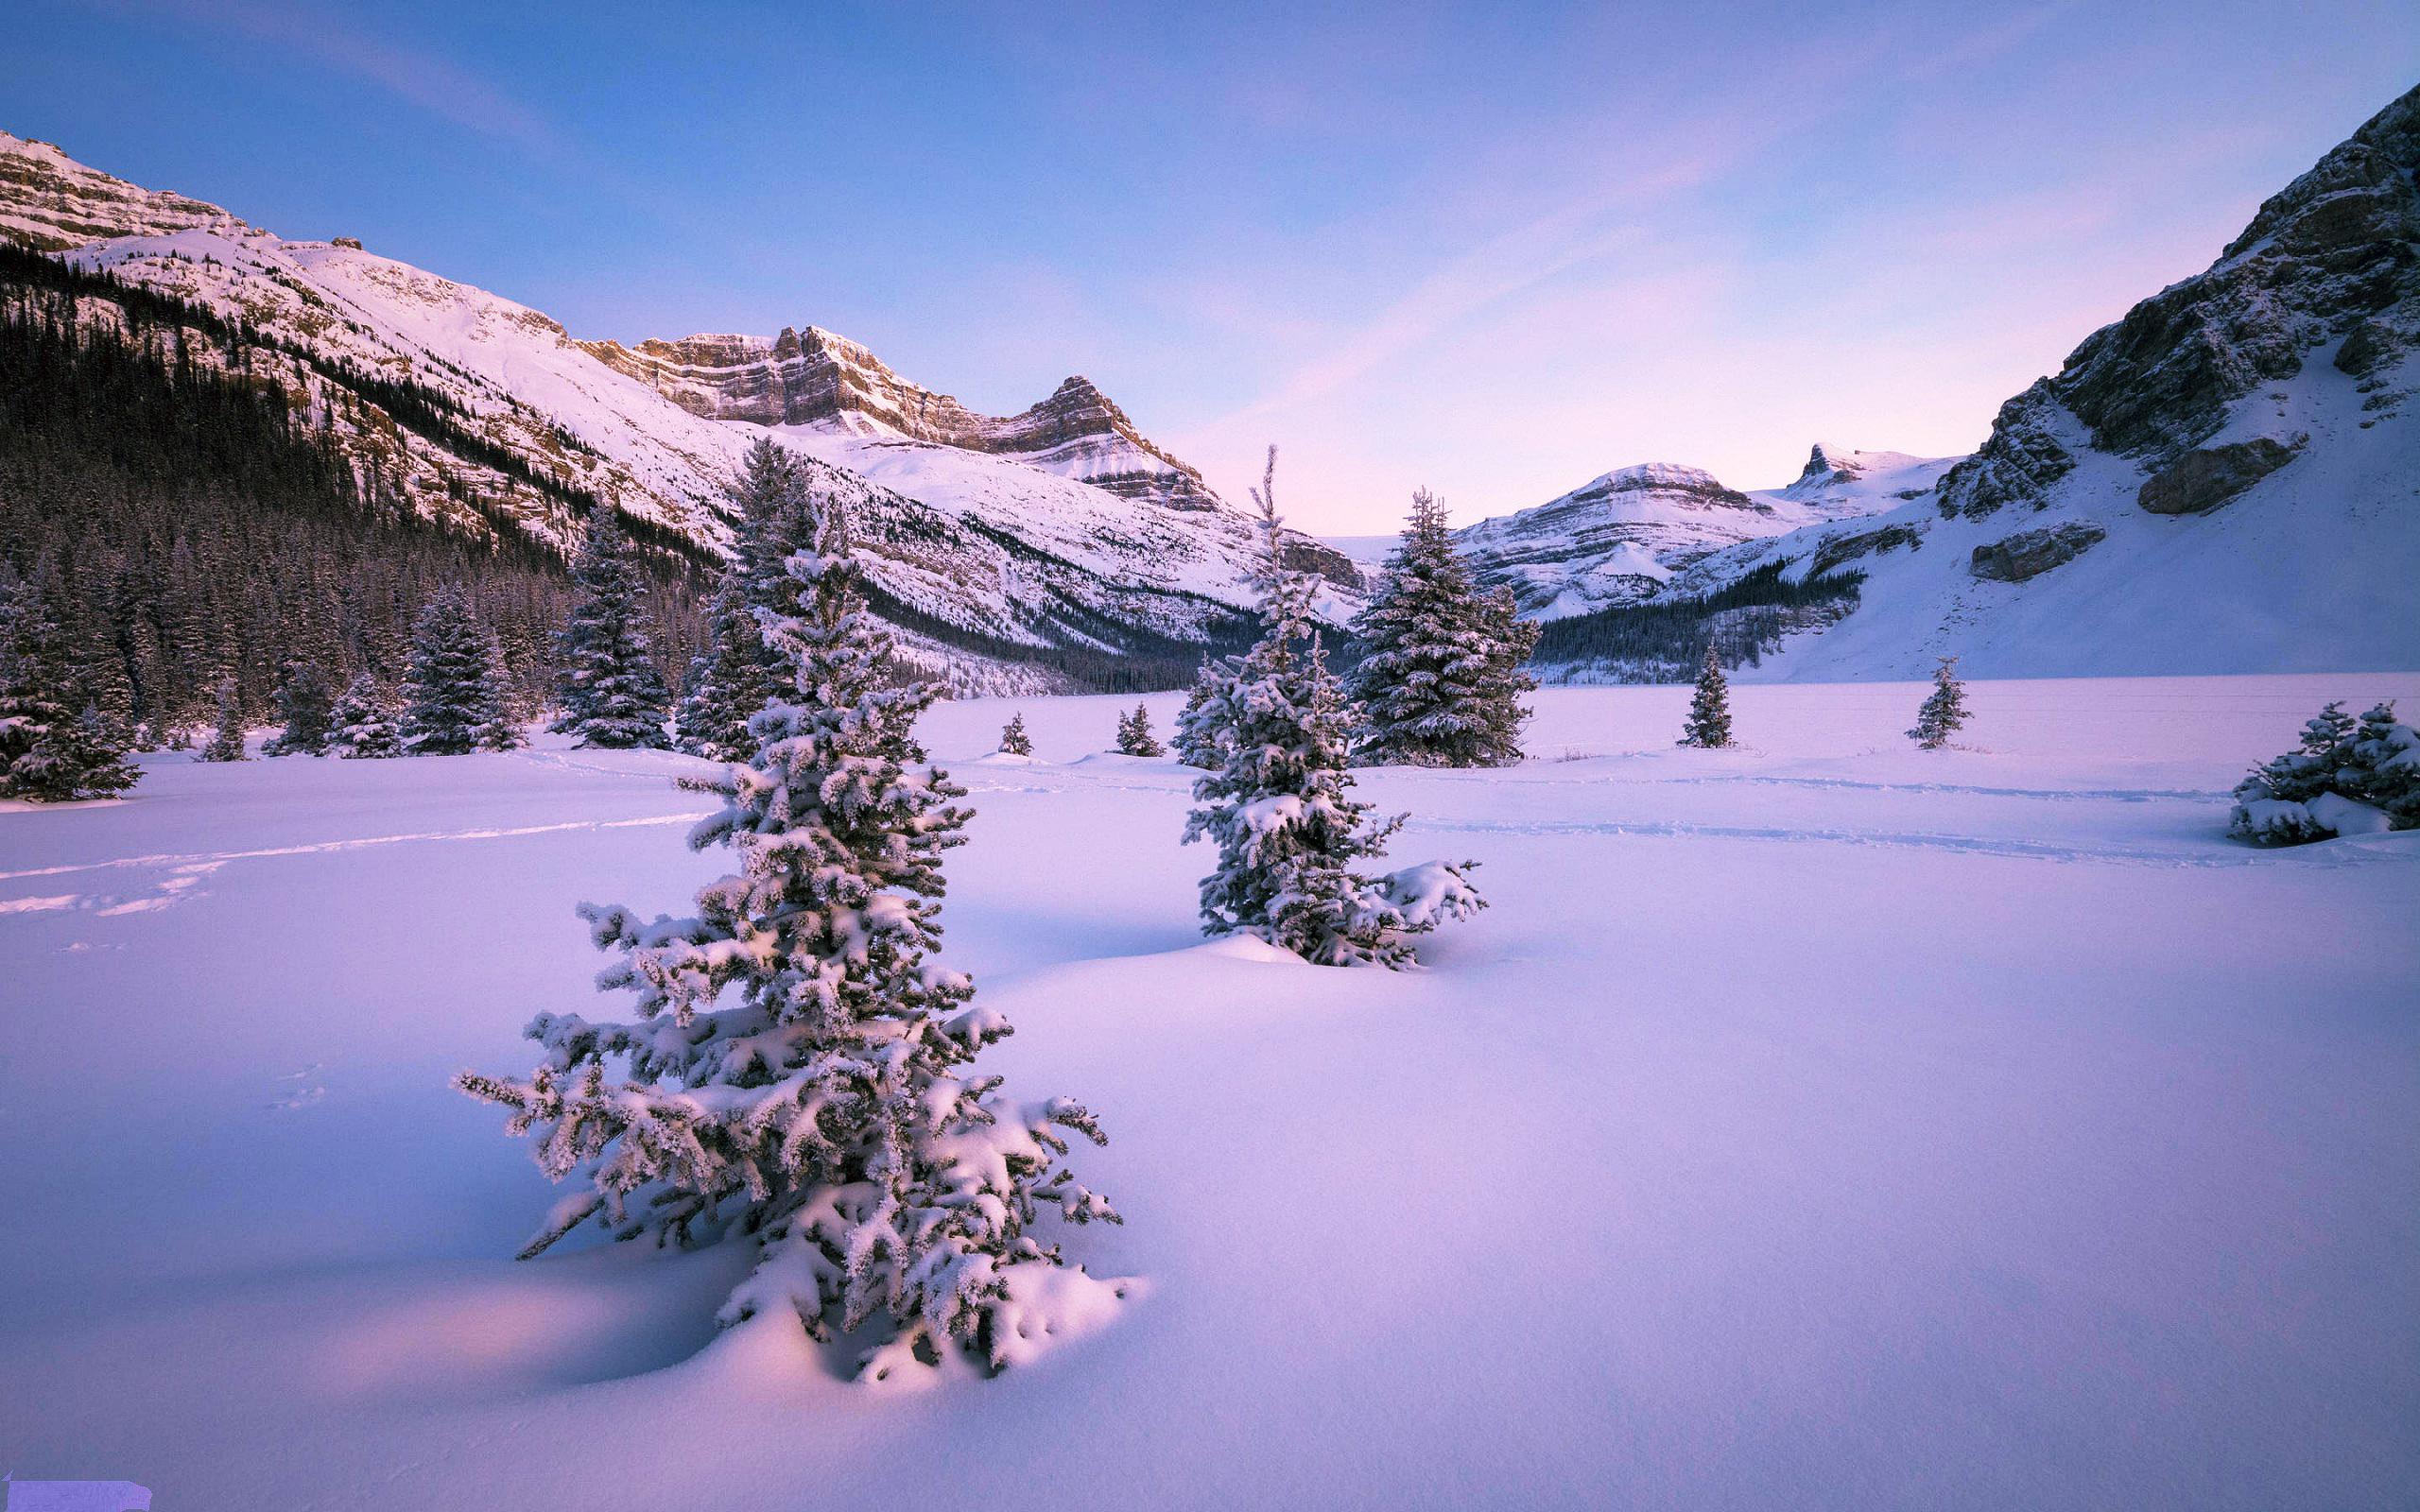 зима, снег, горы, долина, холод